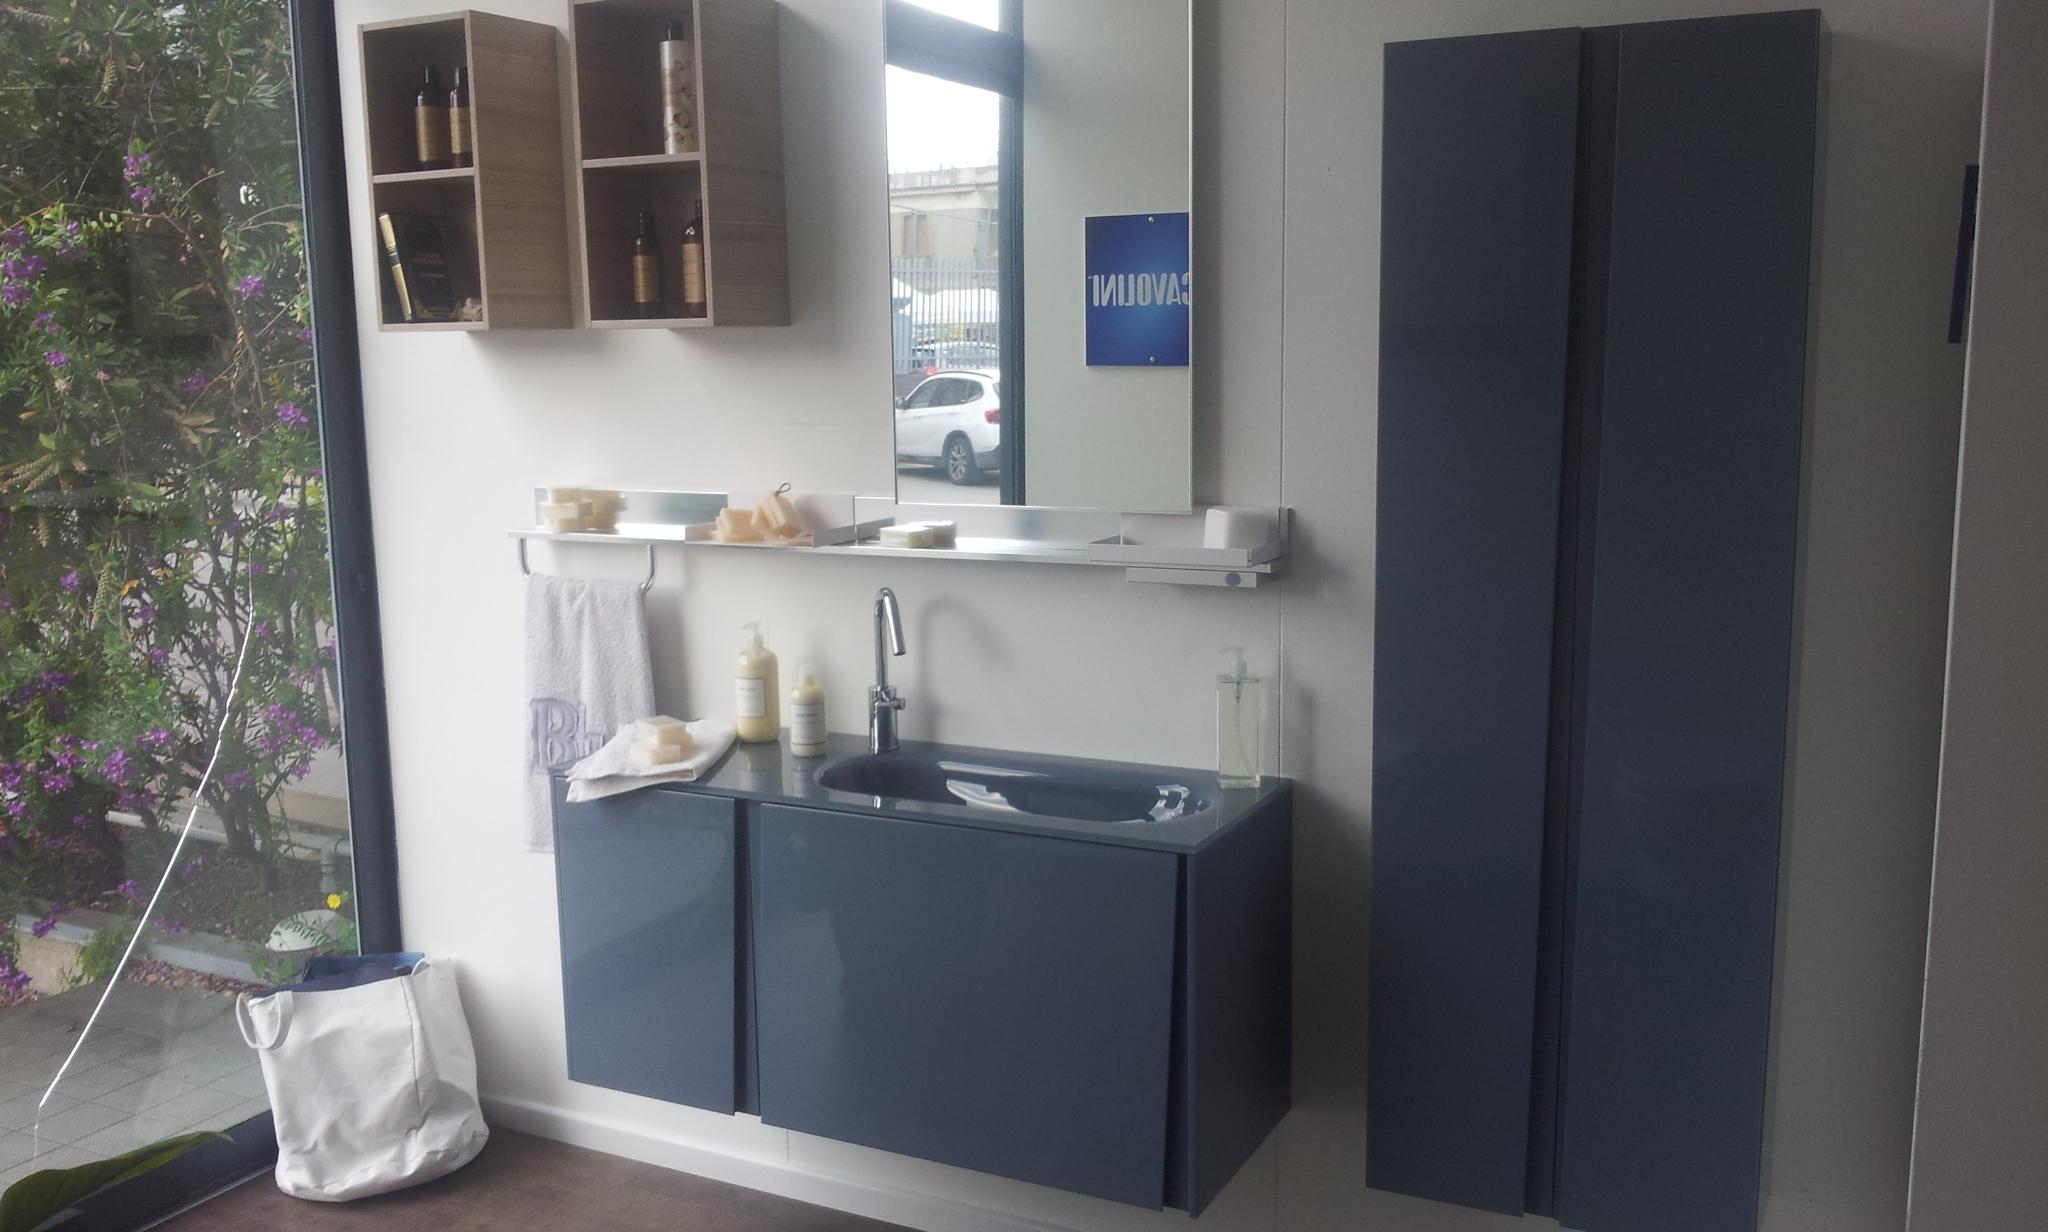 Scavolini bathrooms scavolini arredo bagno laccato lucido scontato del 41 arredo - Scavolini arredo bagno ...